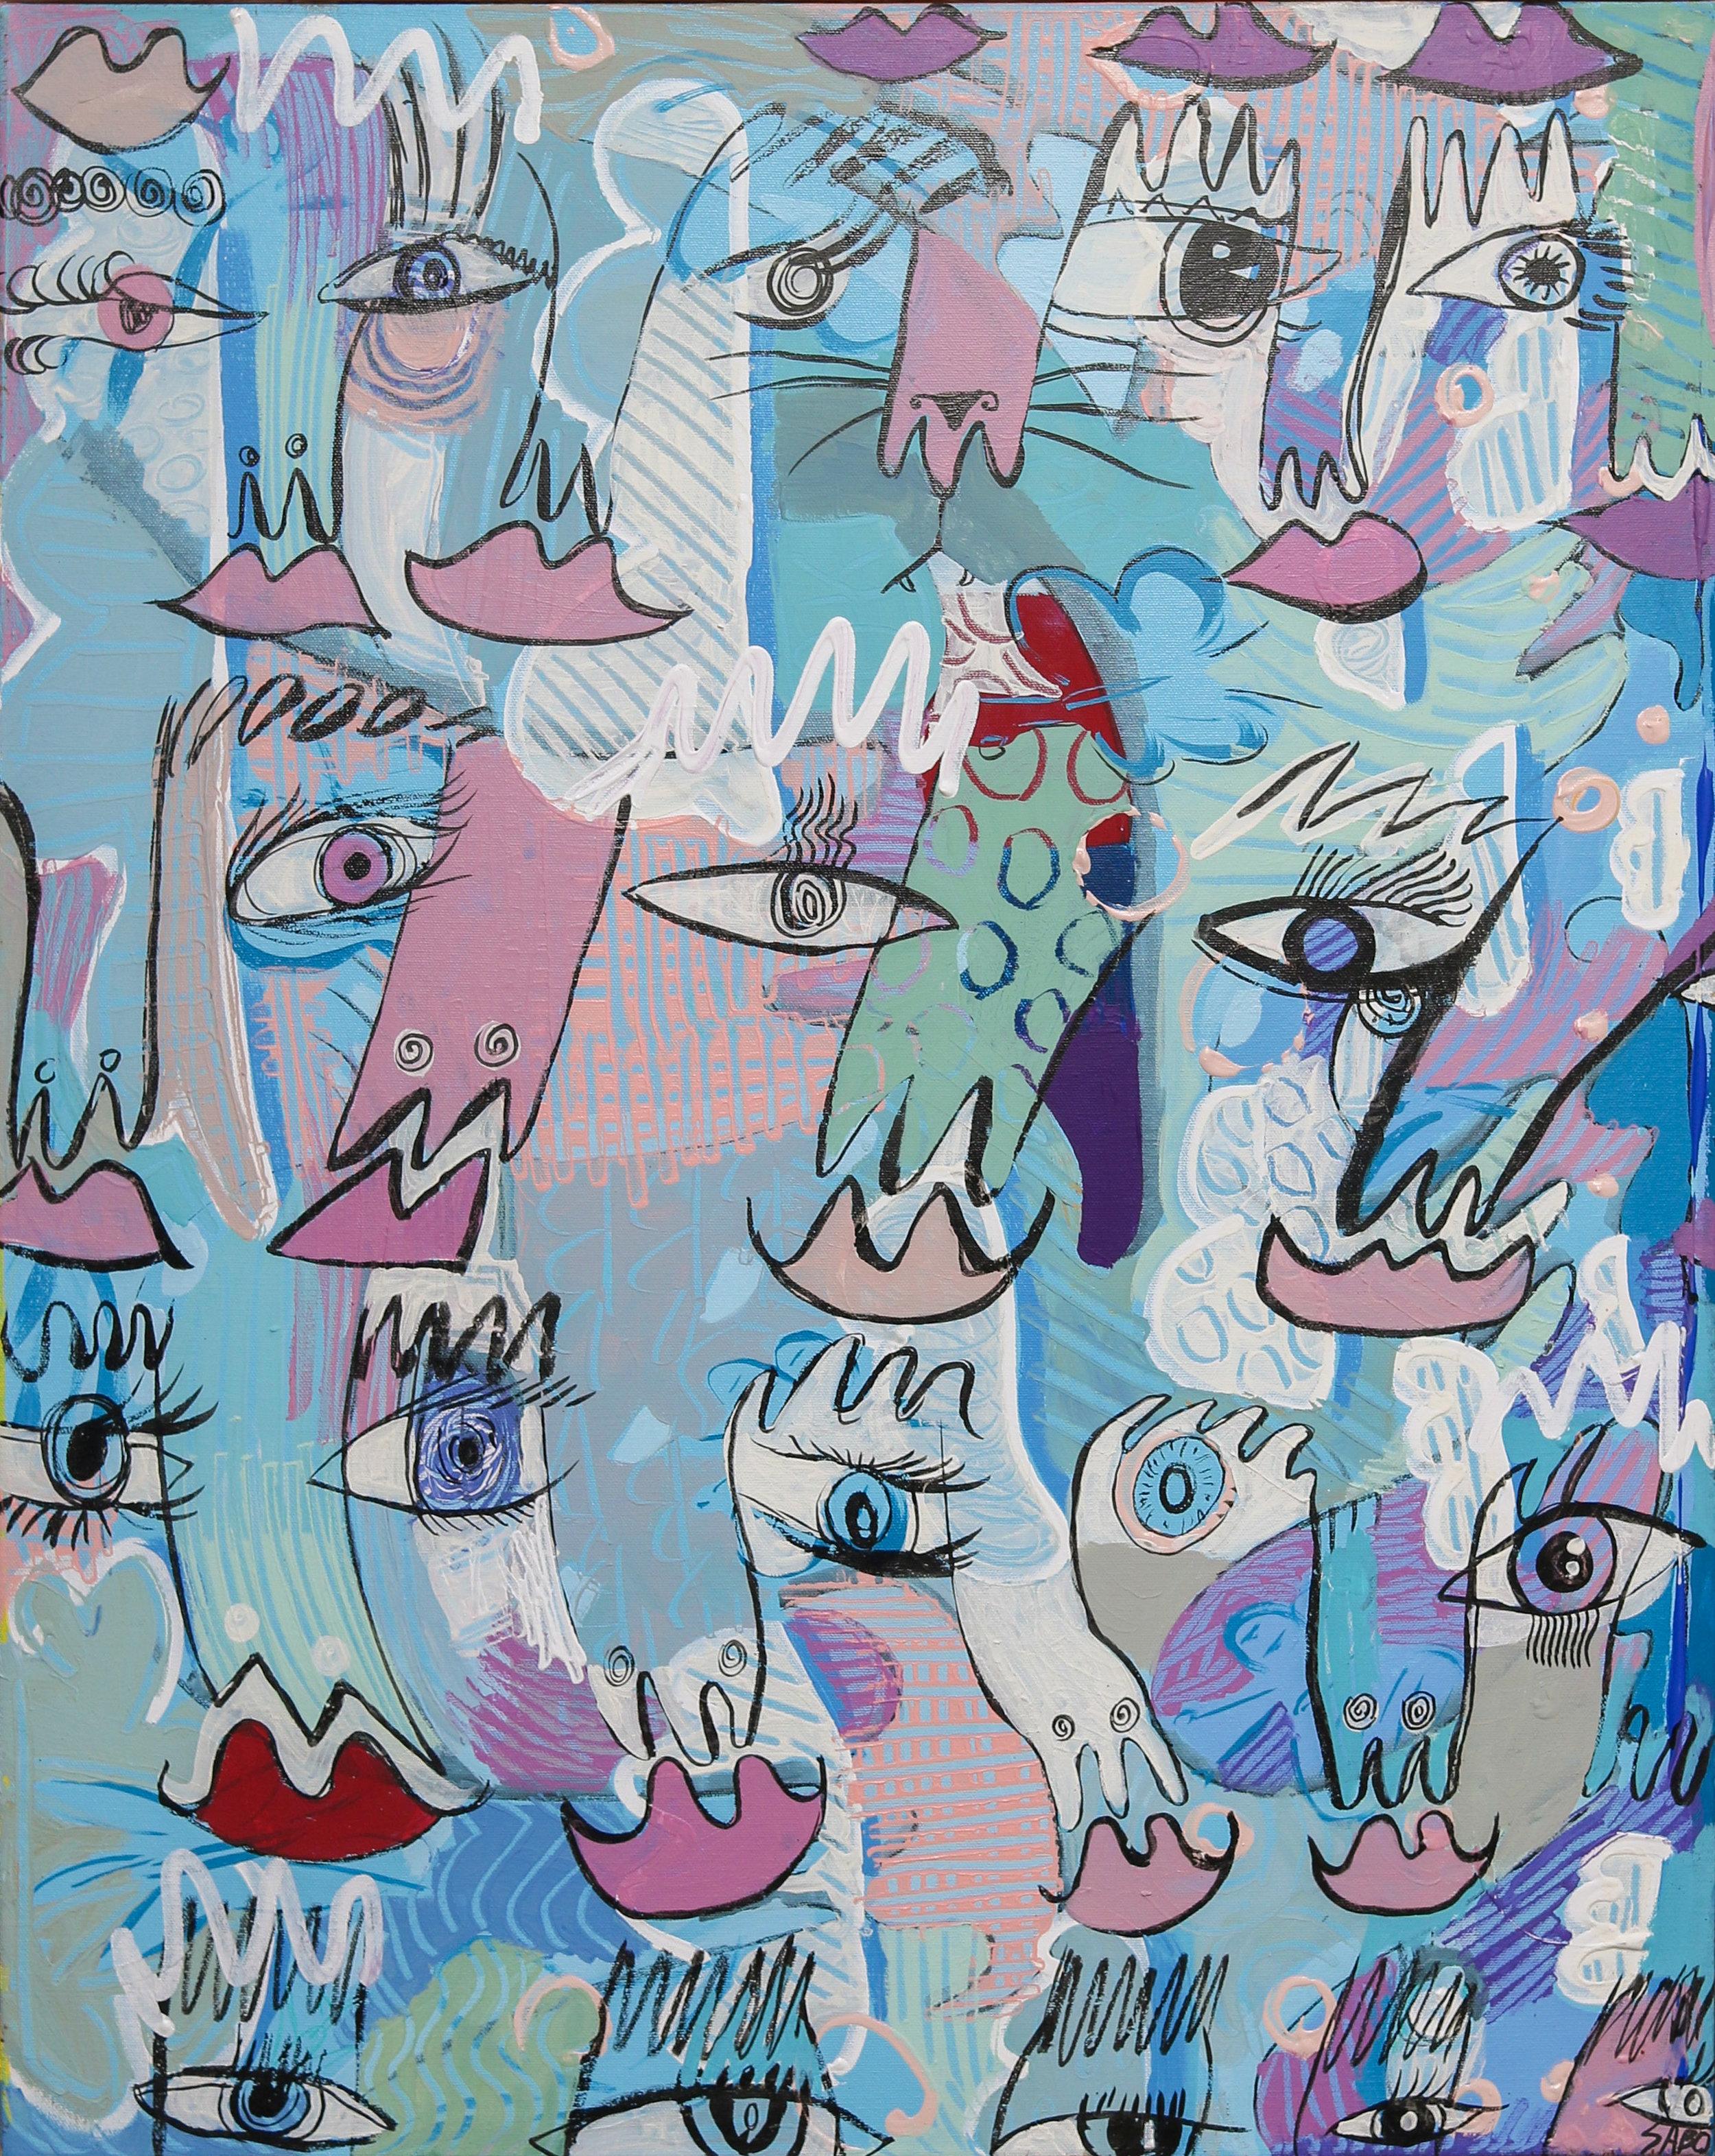 024. dreamgirl - 25 x 31